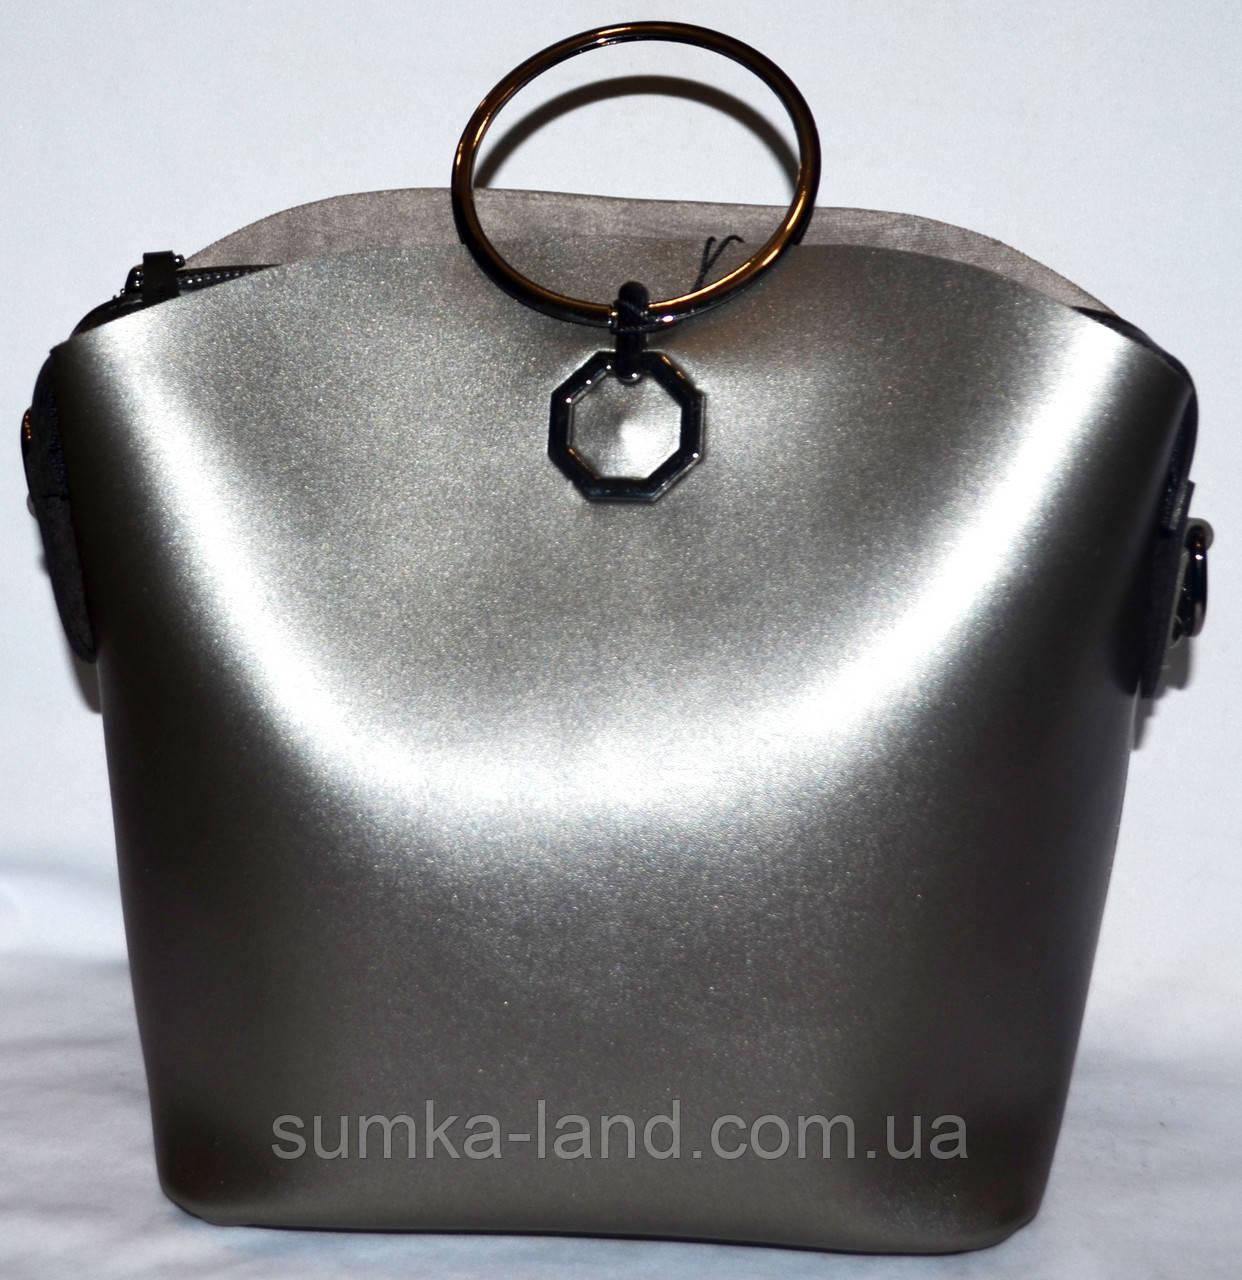 fb15318719b7 Женская сумка Michael Kors с металлическими ручками 27*24 бронза с черным -  SUMKA-